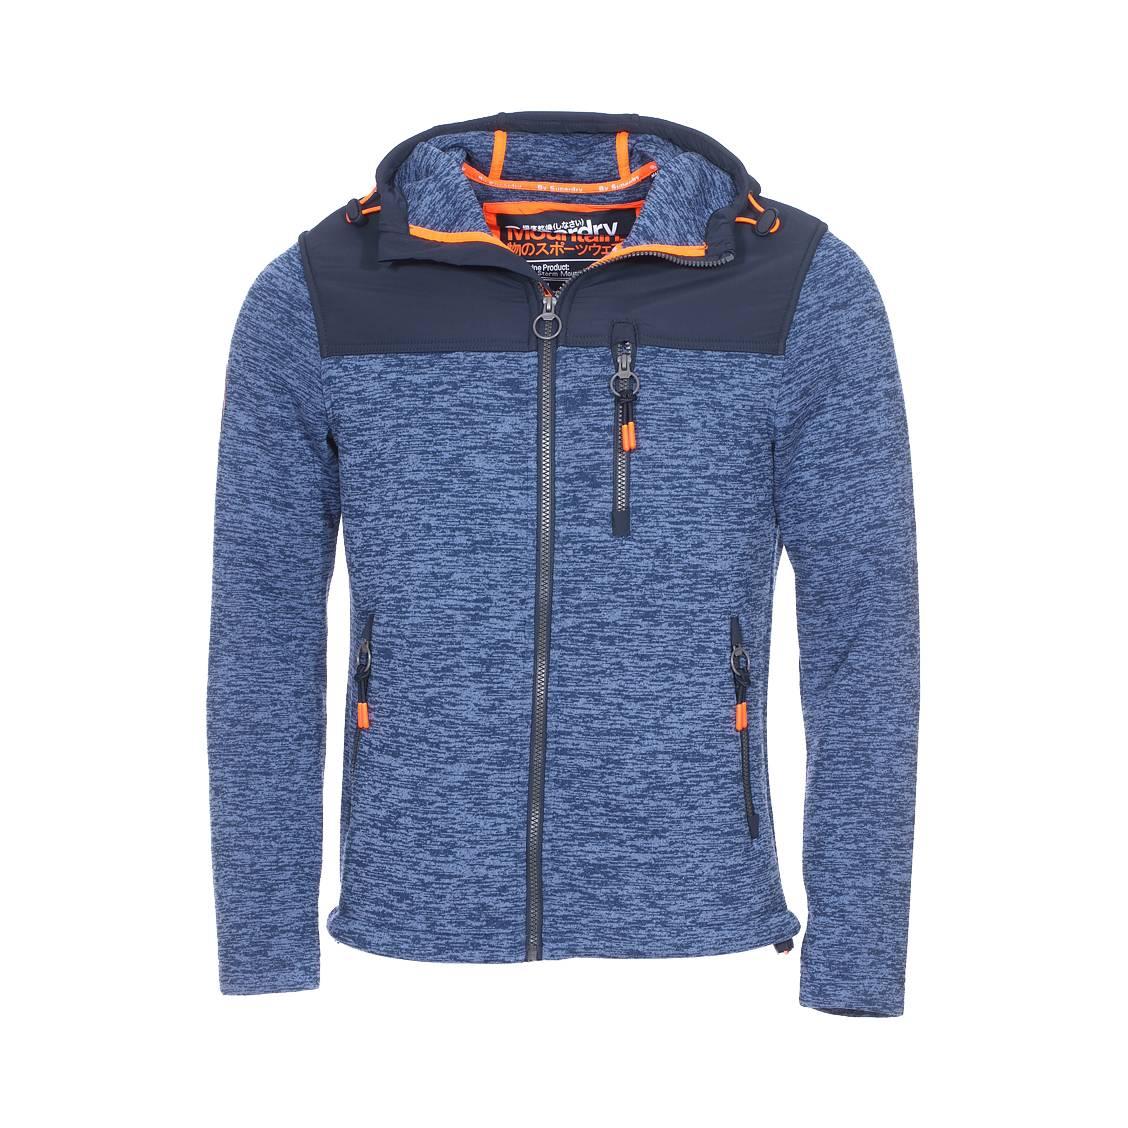 Veste zippée à capuche  storm mountain bleu indigo chiné et bleu marine